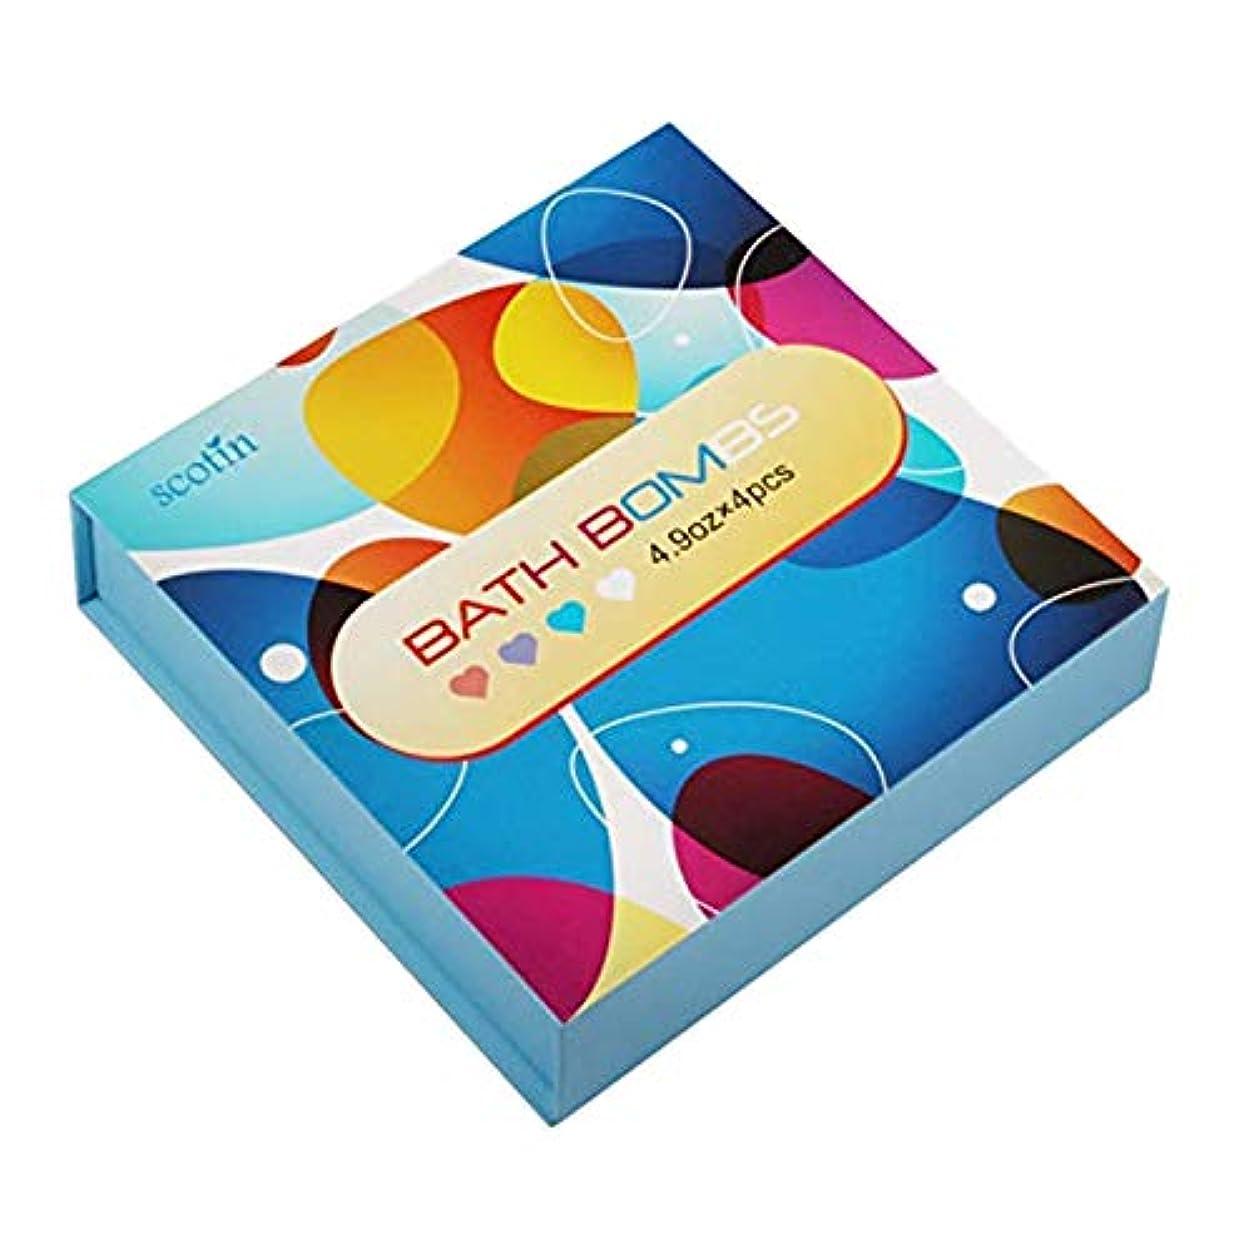 紛争補助助けてTOOGOO バスボール?ギフトセット-女性のための 4つのハート型 手作り-パーフェクト バブル&スパバス用-乾燥肌を保湿するためのエッセンシャルオイルとフレグランスオイル